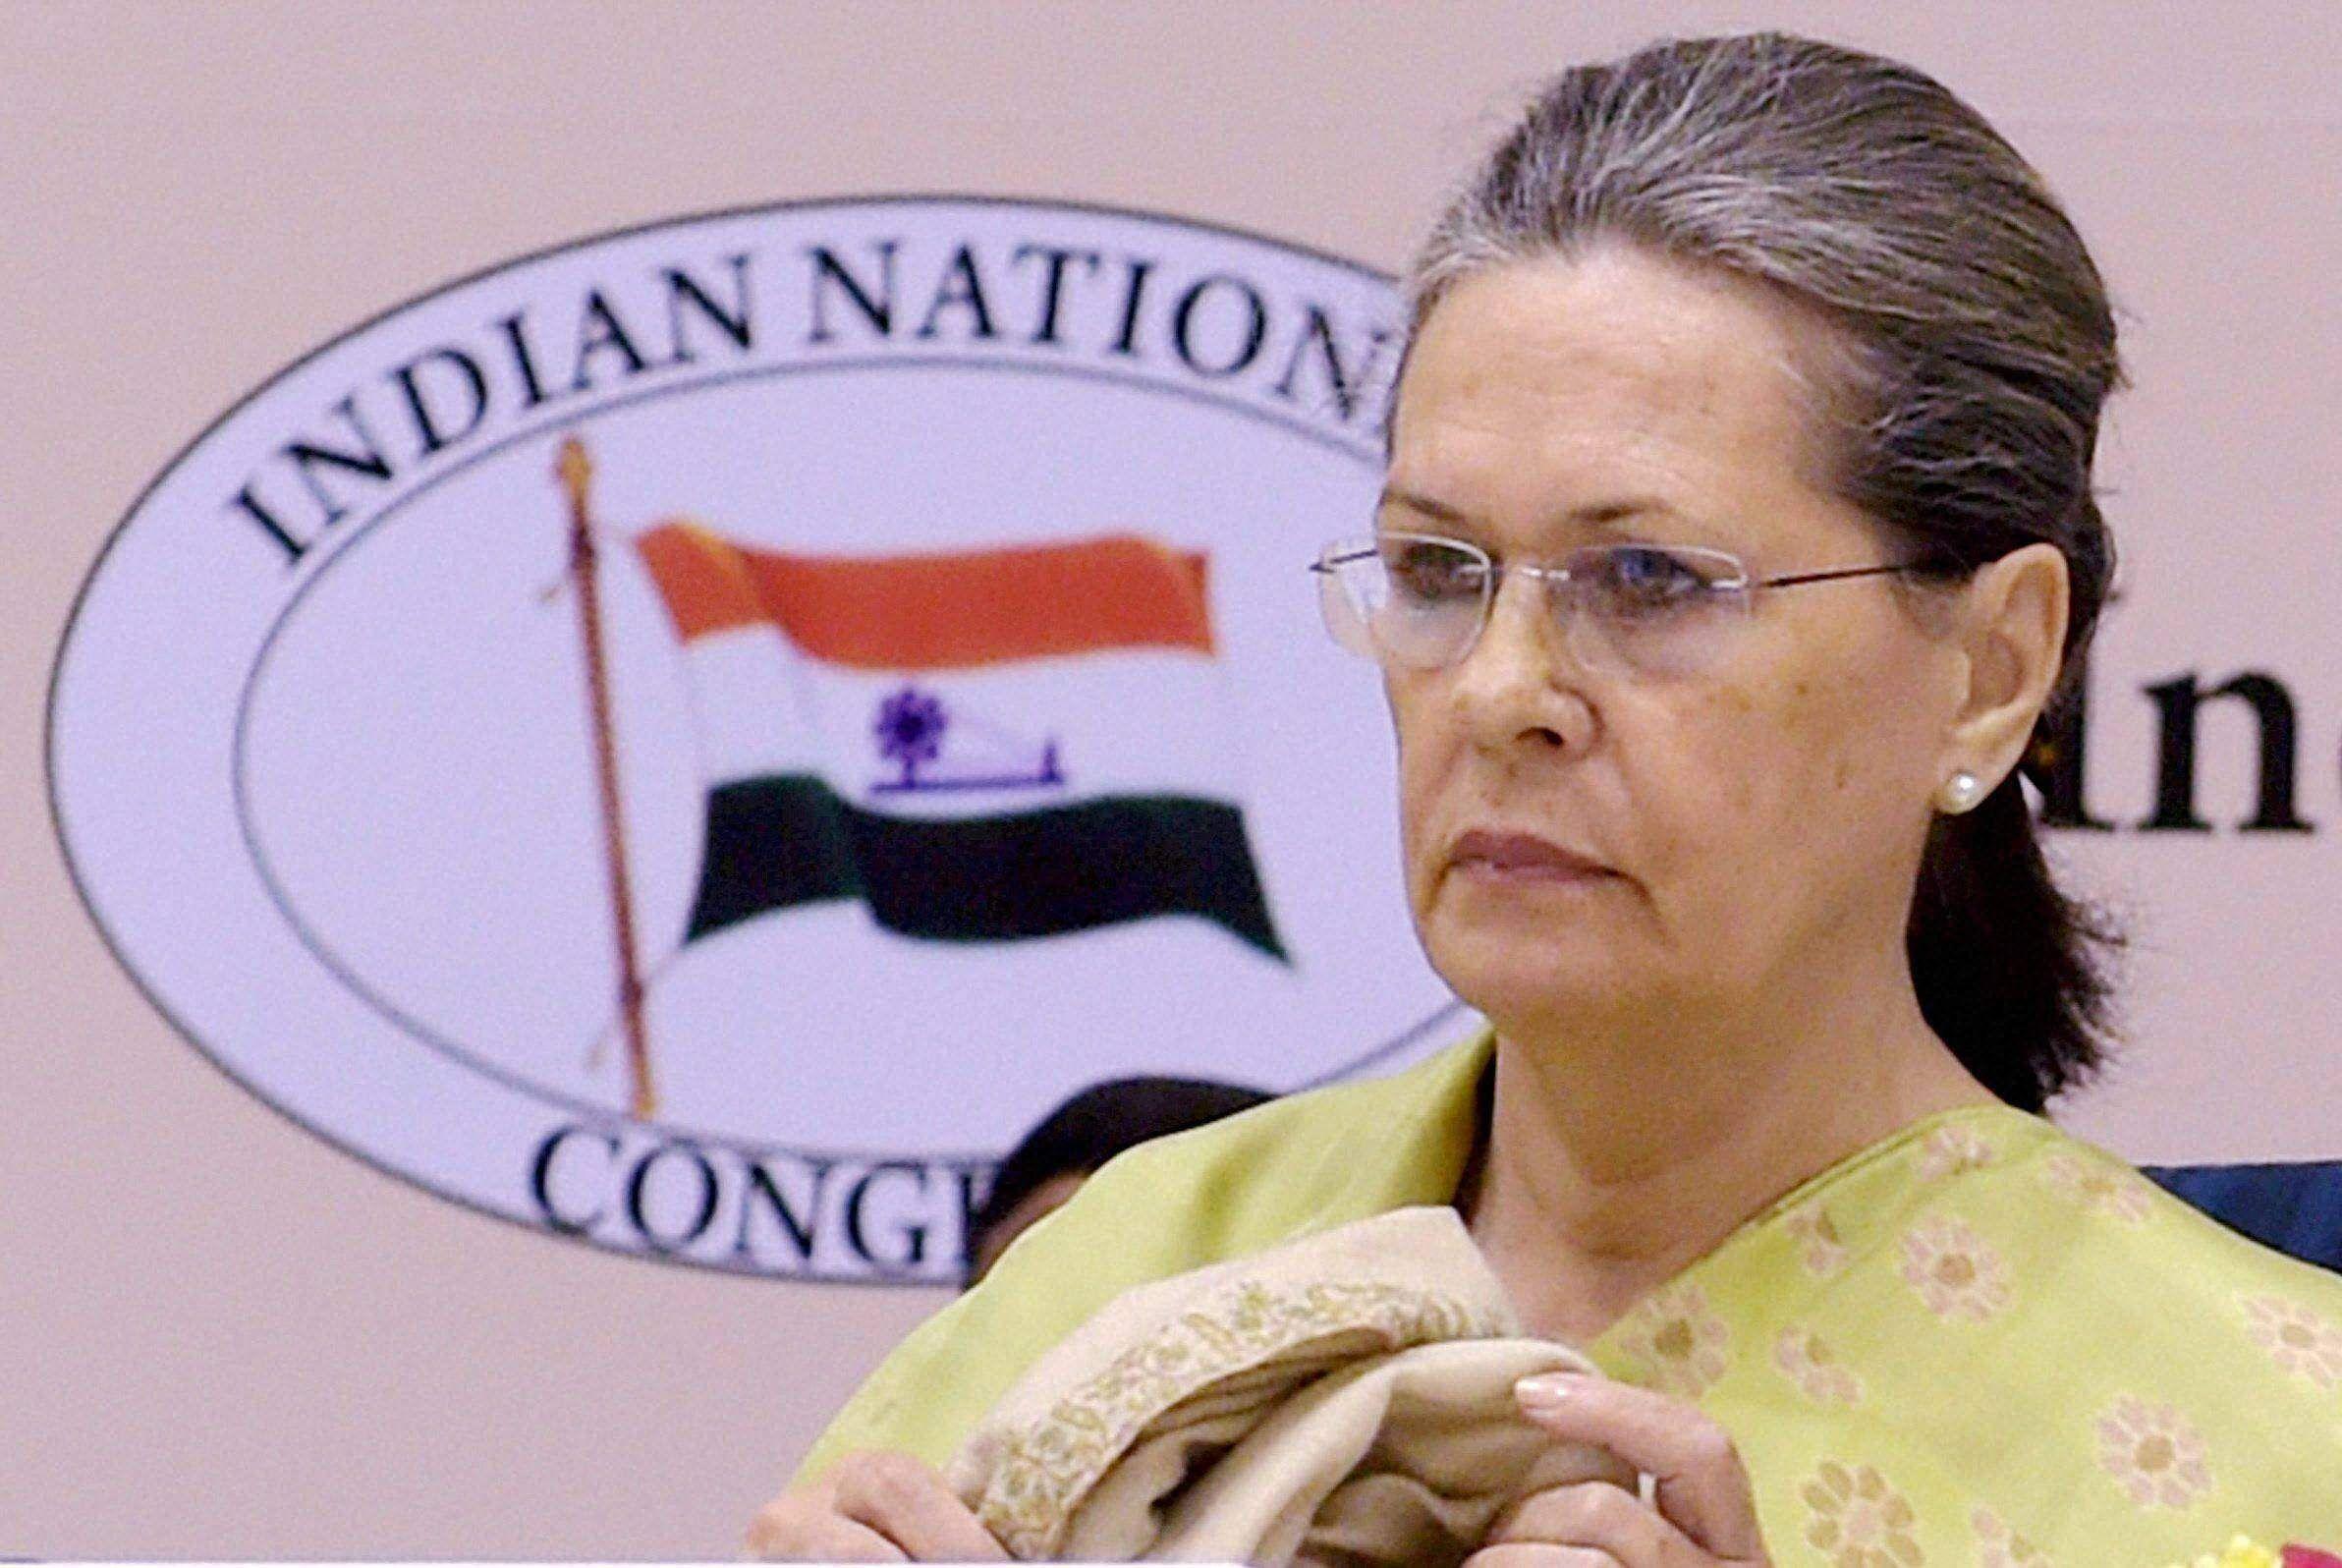 क्या 2004 की बुनियादी गलती फिर दोहराया रही है सोनिया गांधी ?